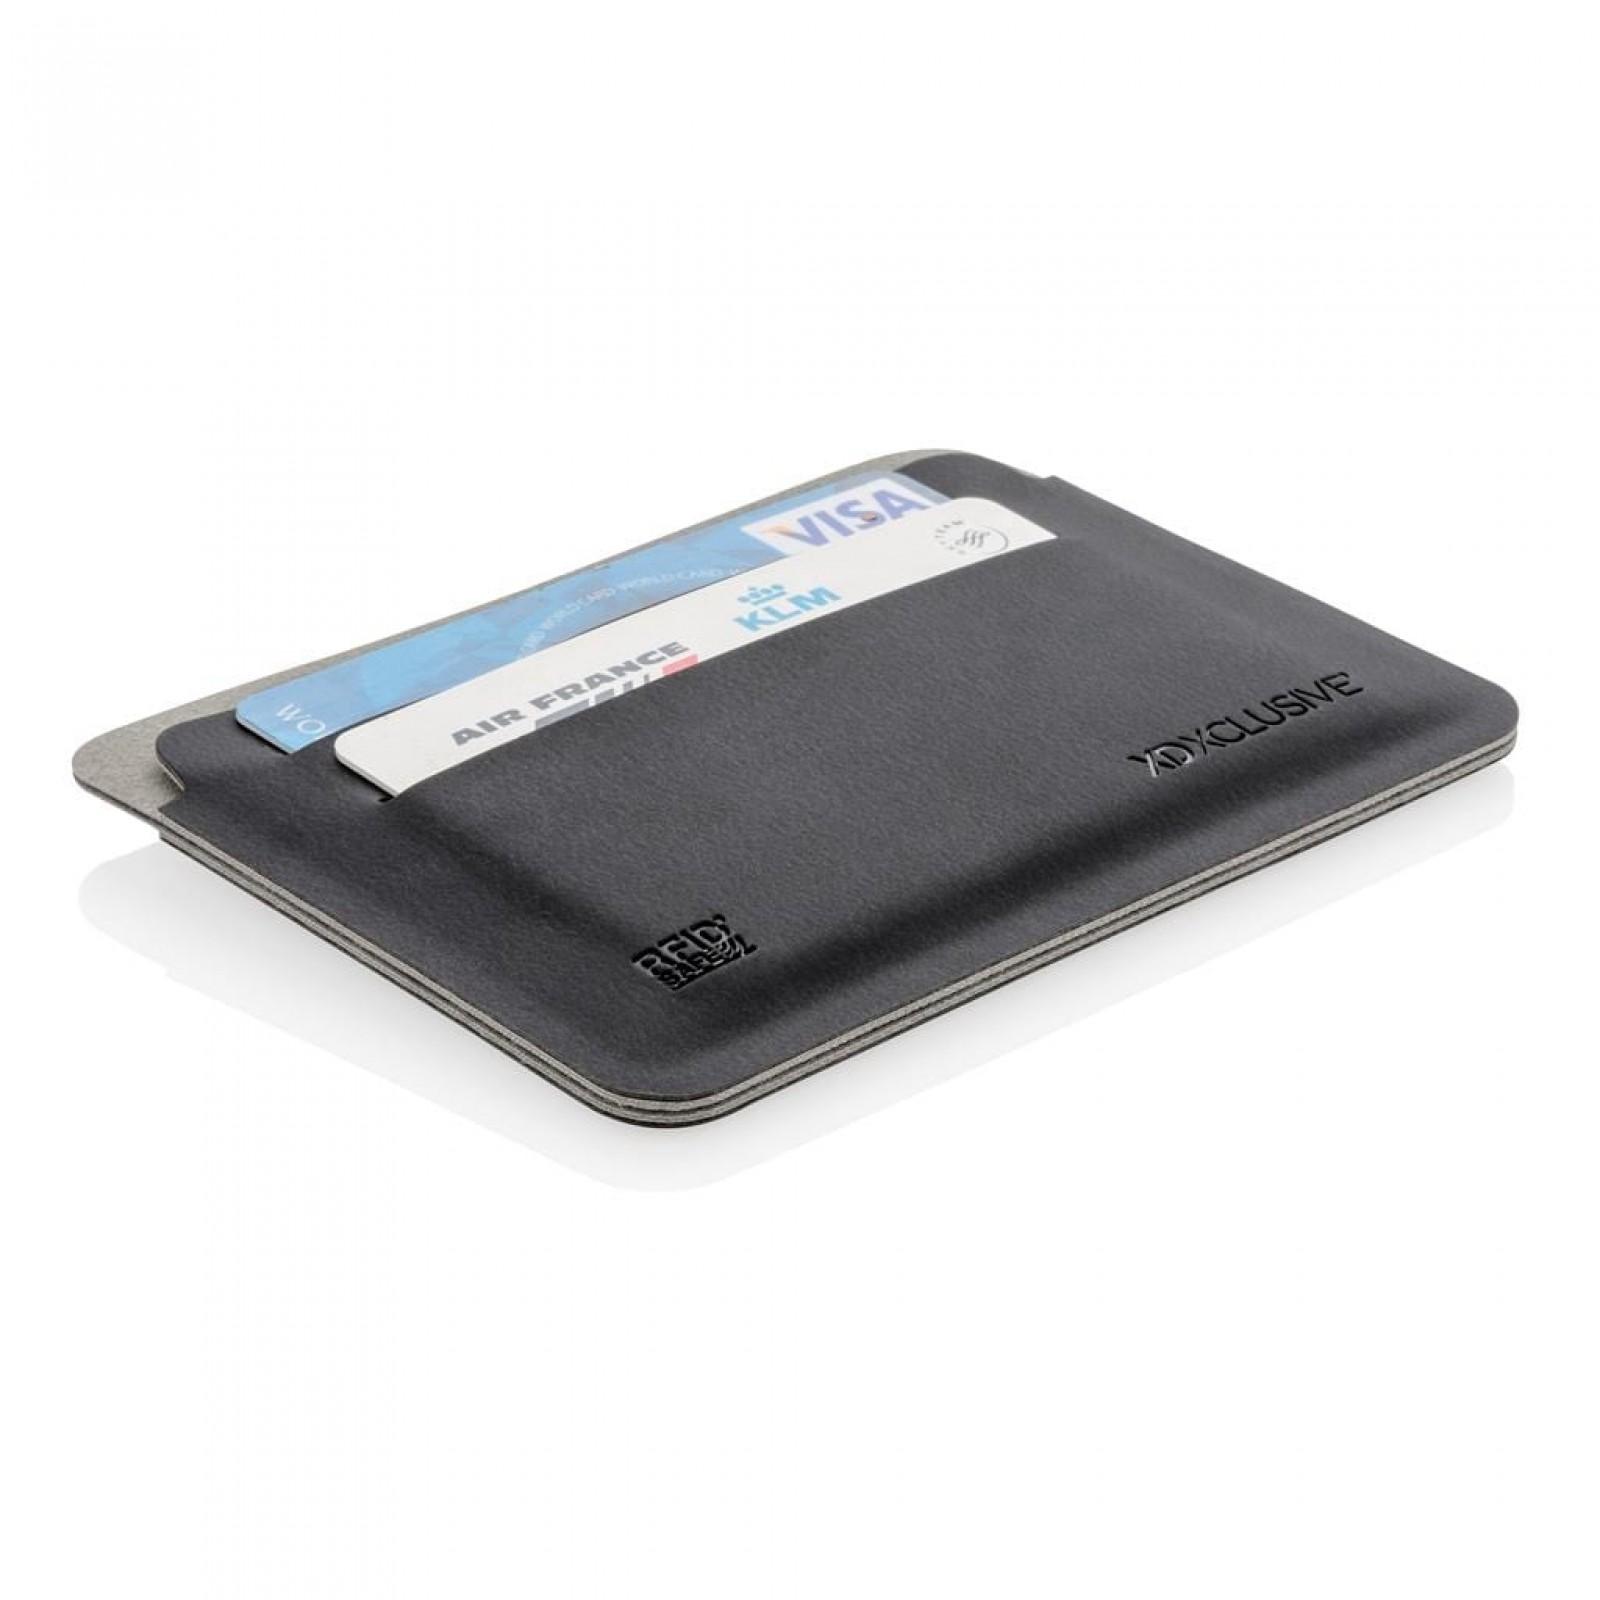 Quebec RFID Safe Cardholder (Black) - XD Design